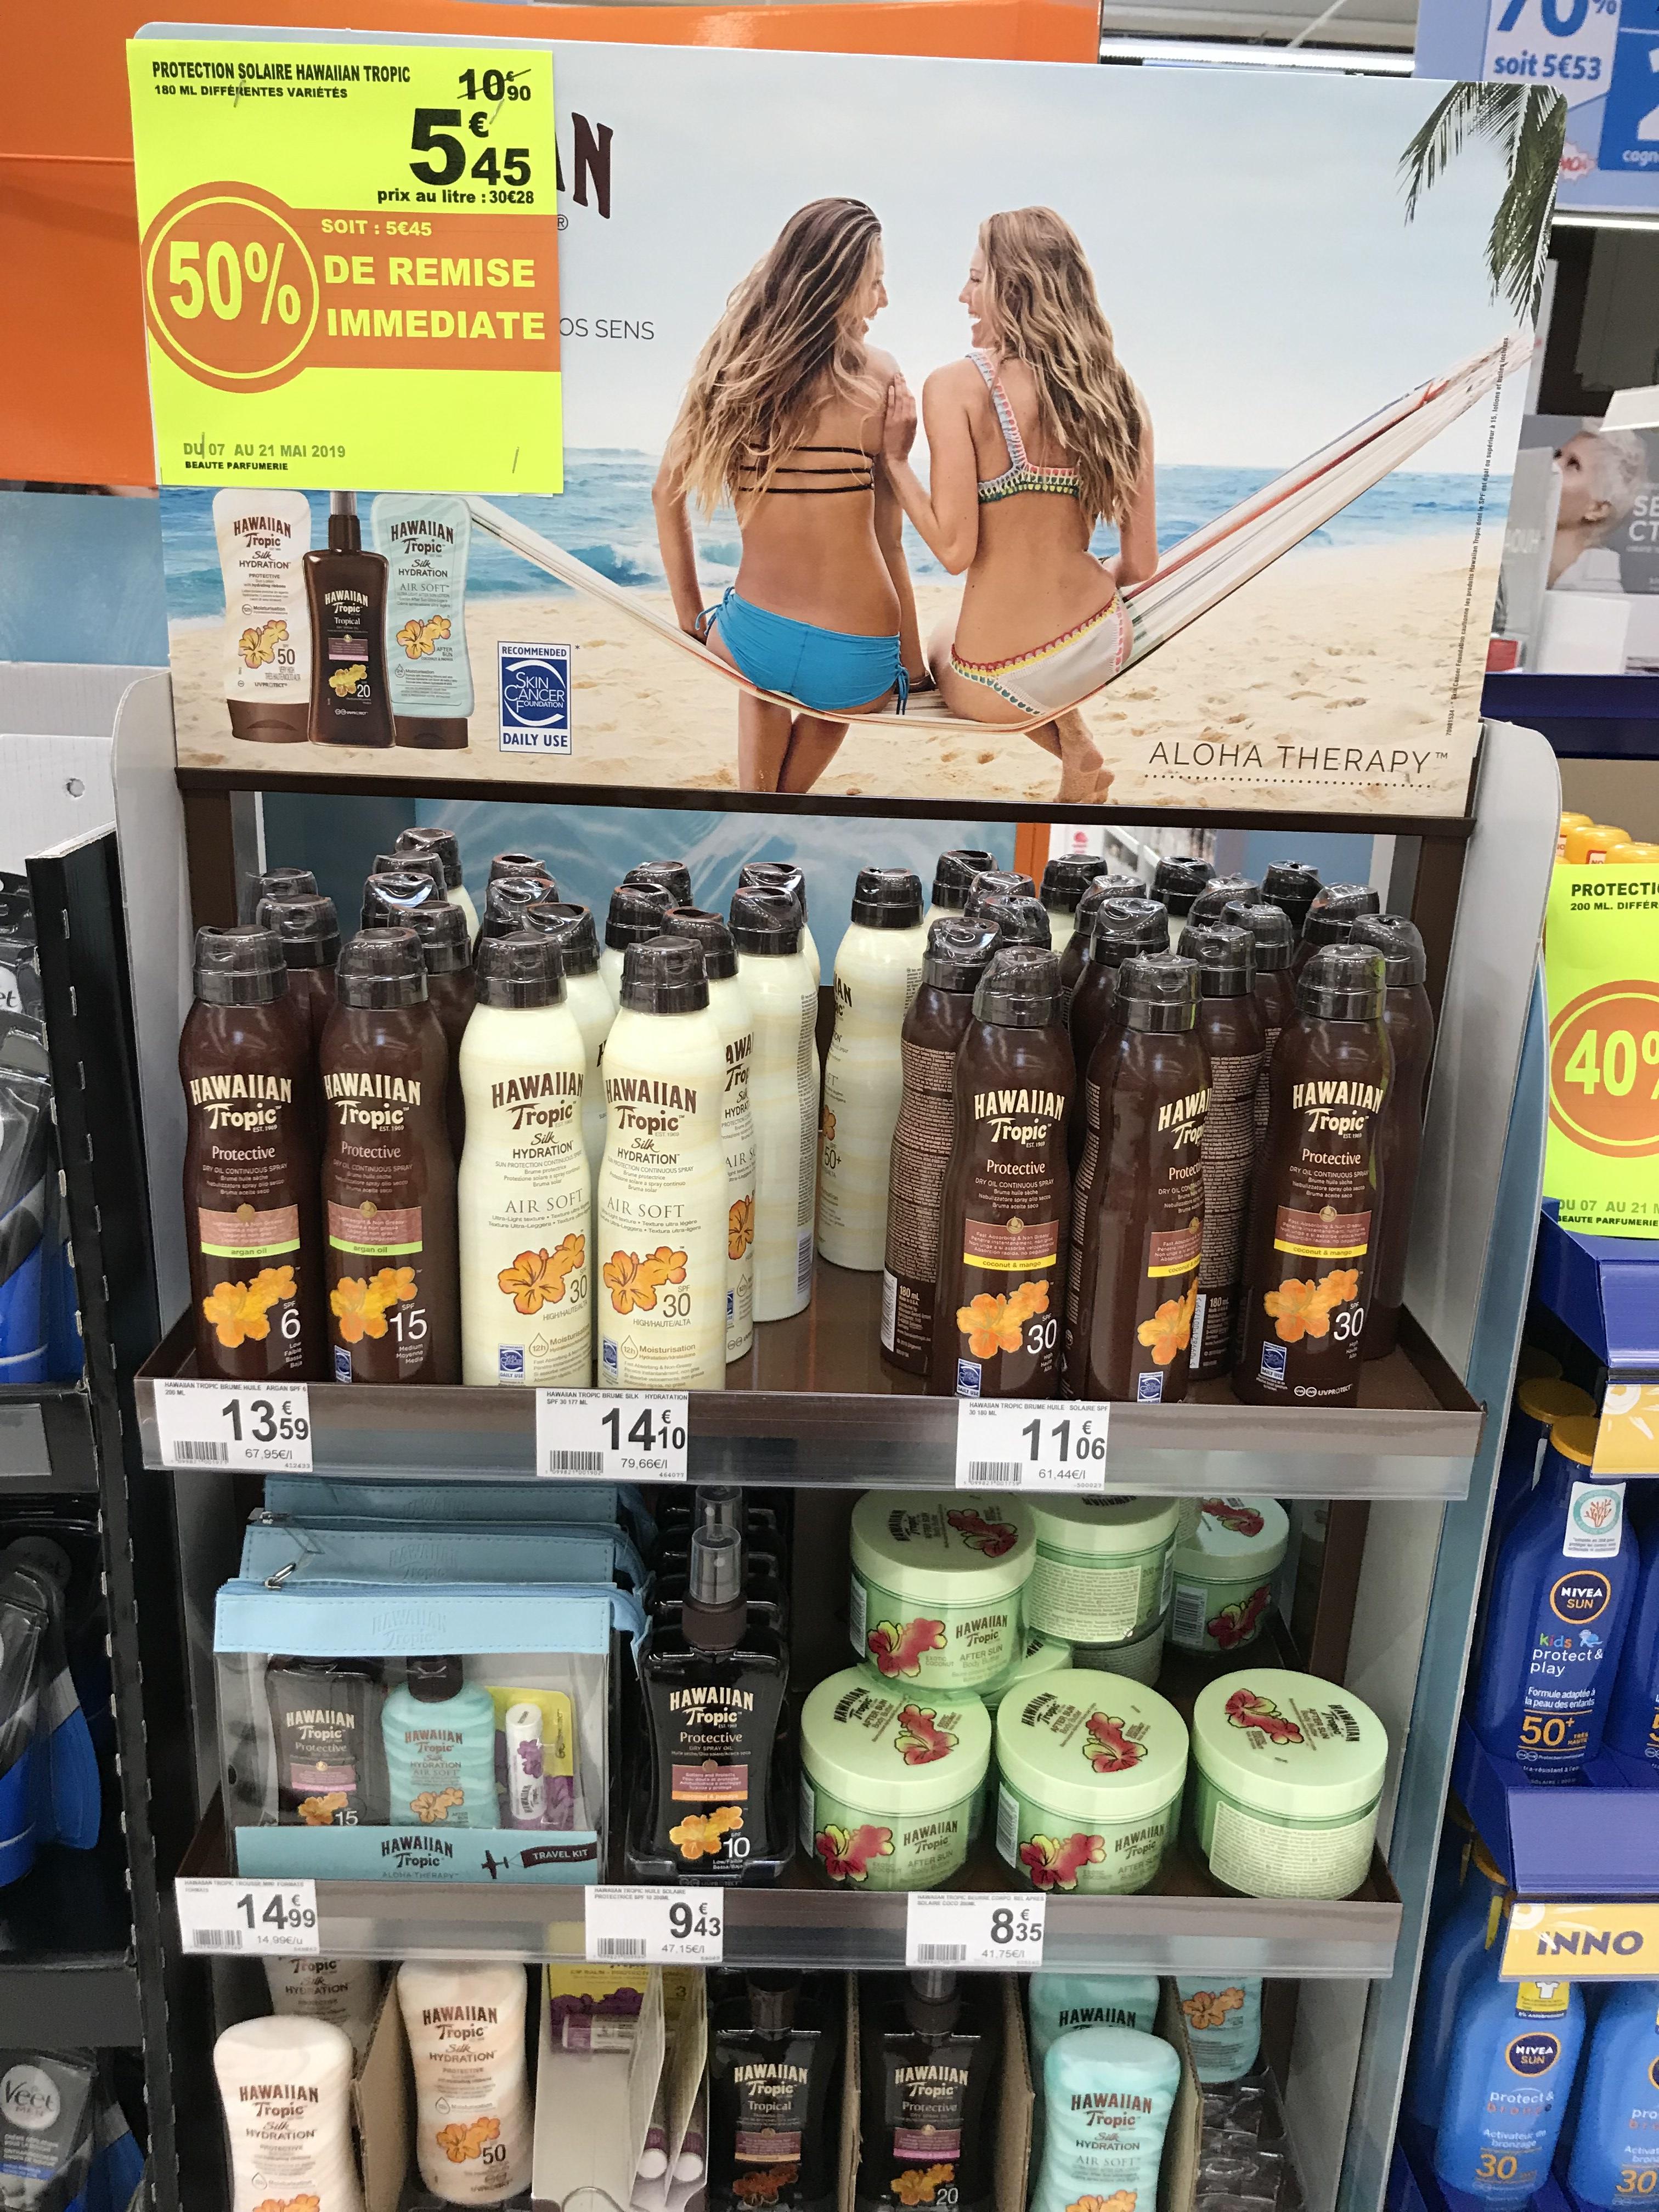 50% de réduction sur une sélection de produits Hawaiian Tropic - Dury (80)